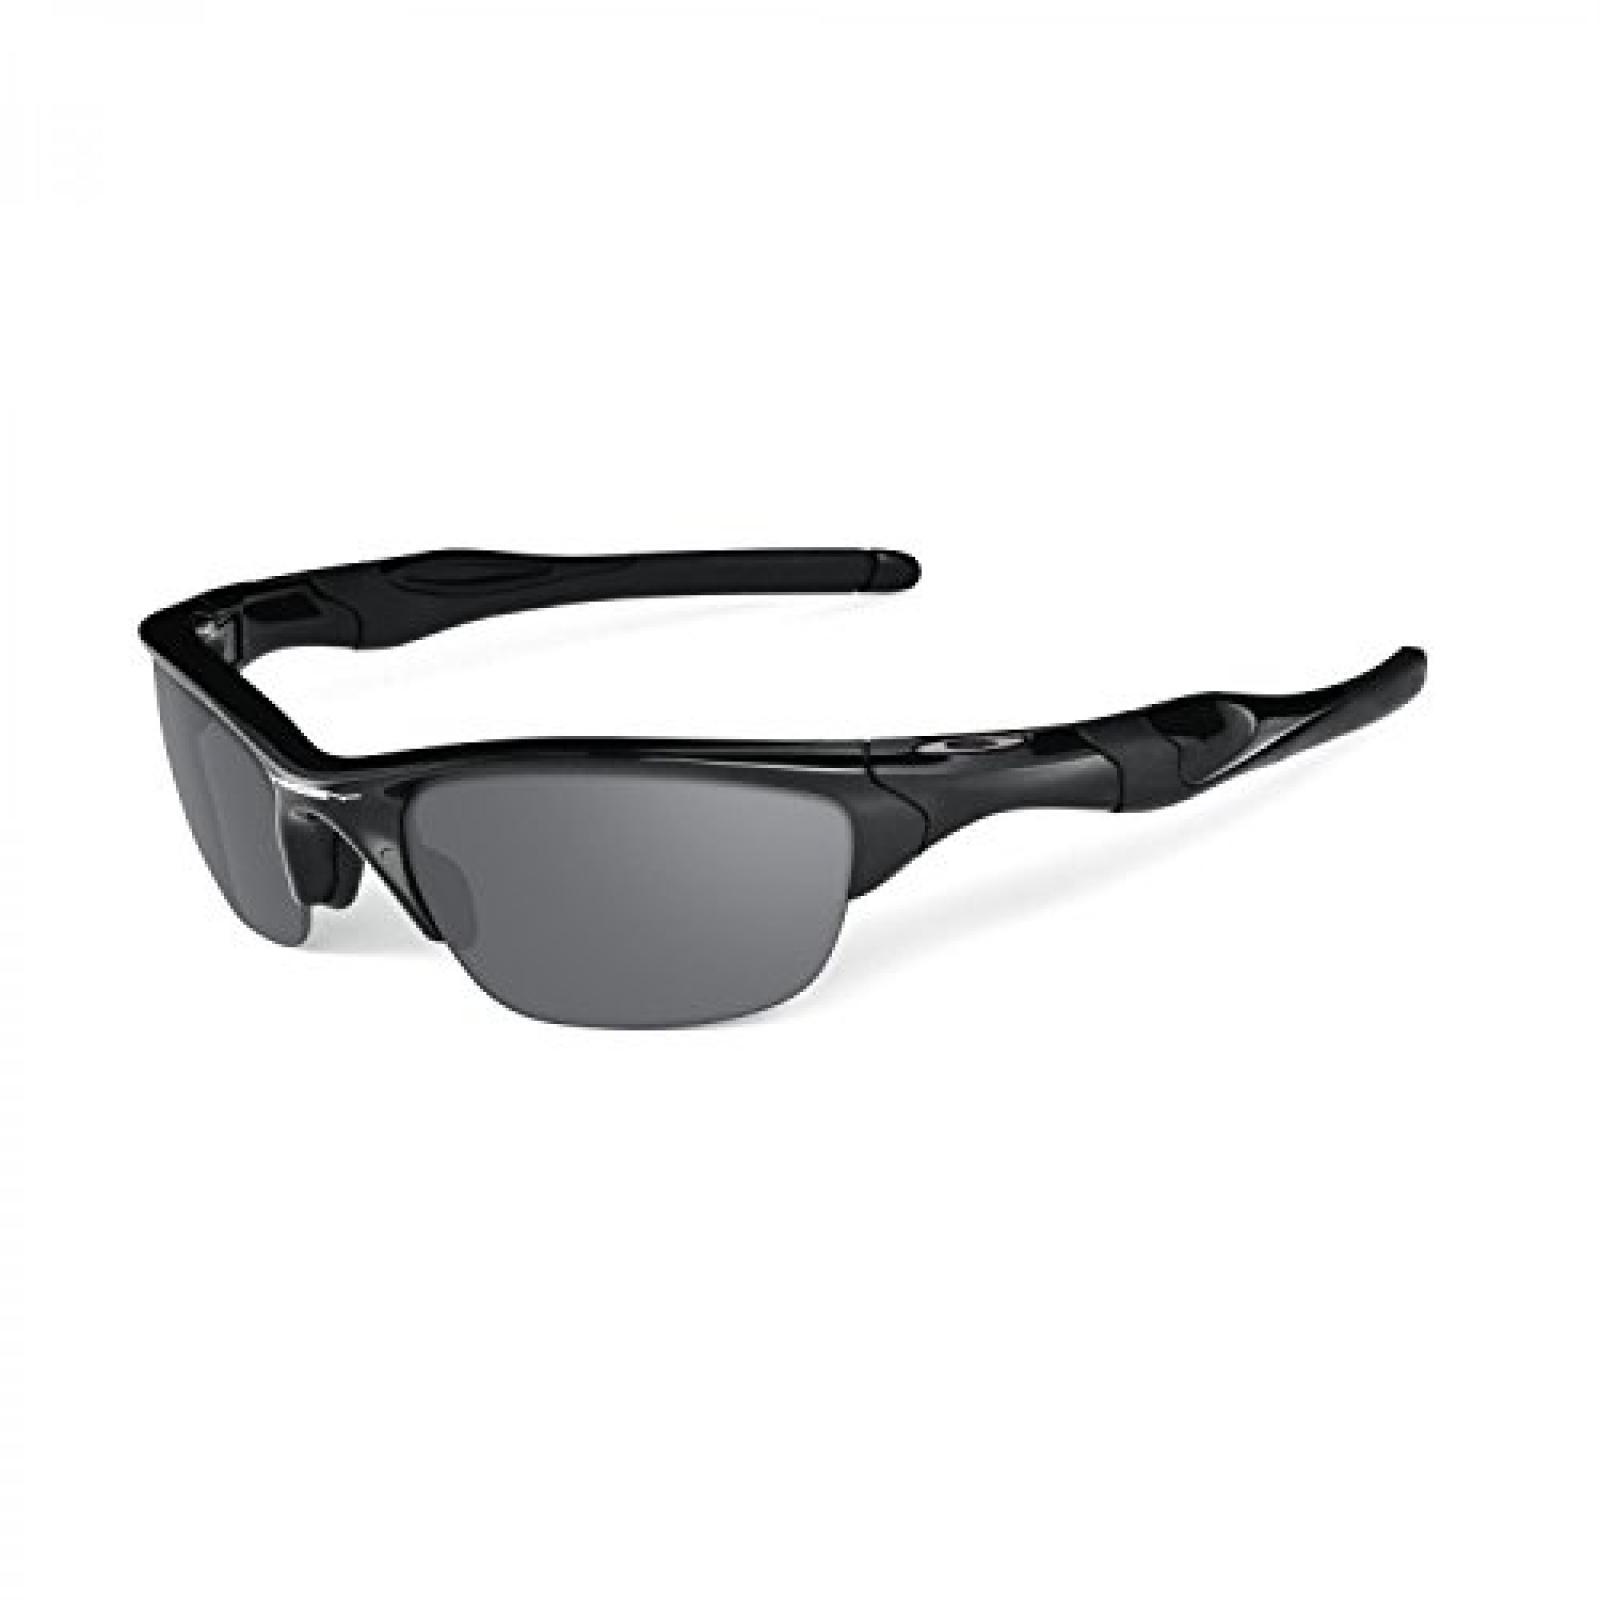 Herren Sport- und Sonnenbrille Half Jacket 2.0 XL - matte black/black iridium polarized